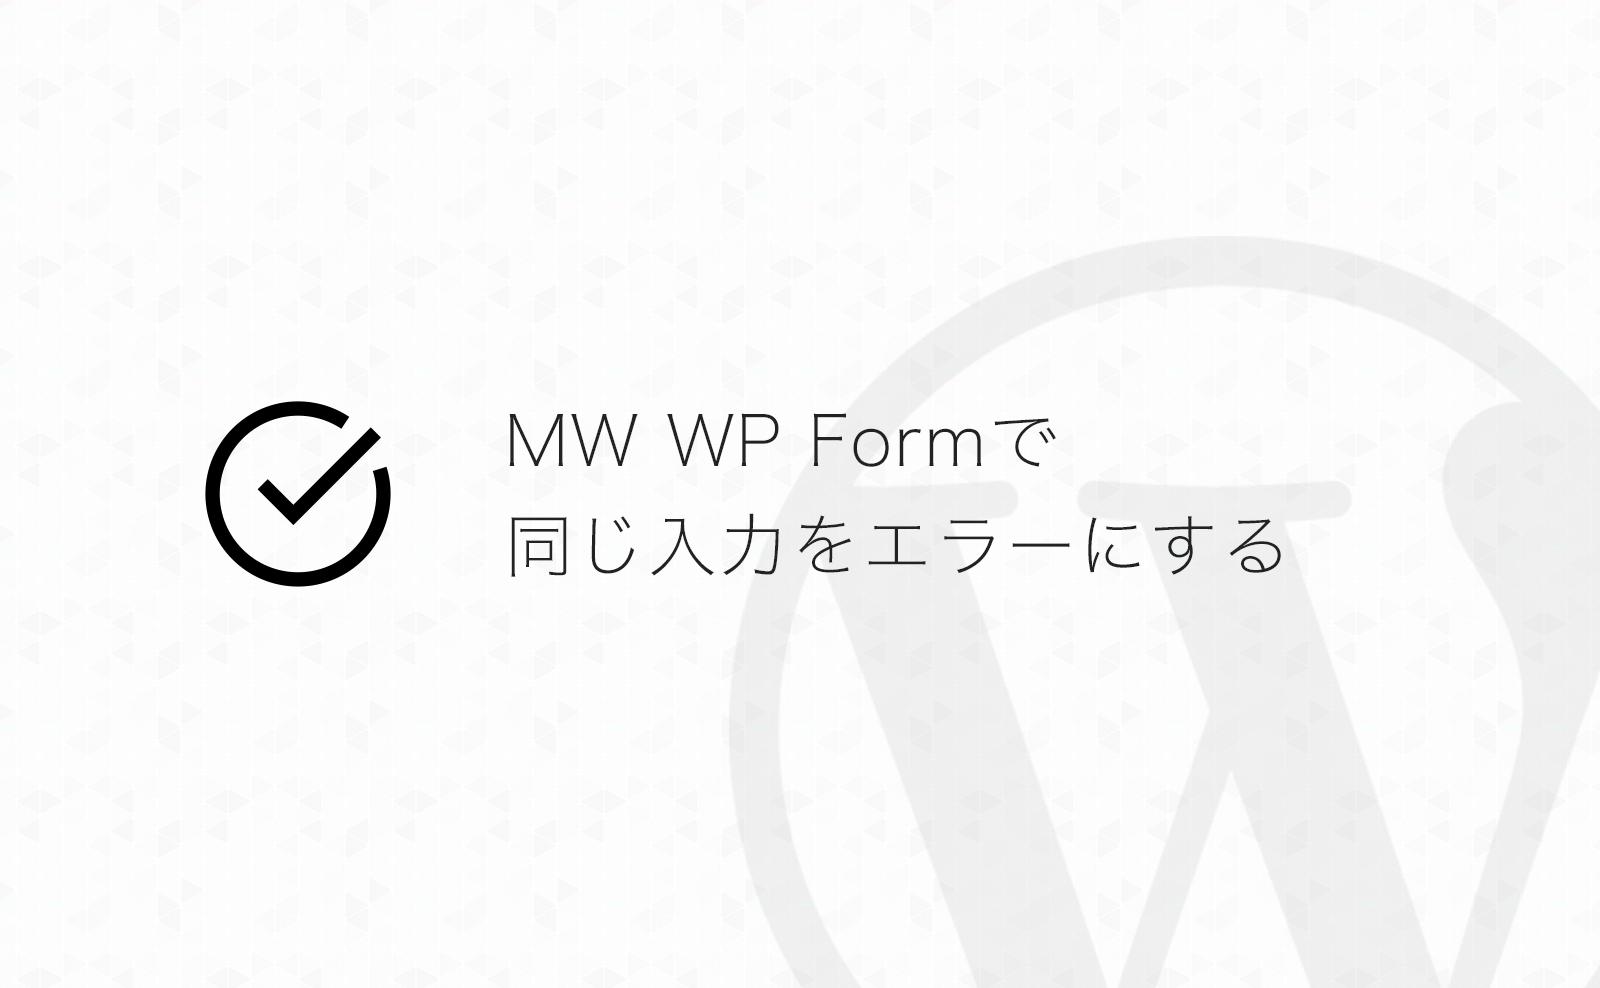 【WordPress】MW WP Formで他の項目と同じ入力があったらエラーにする入力チェックを追加する